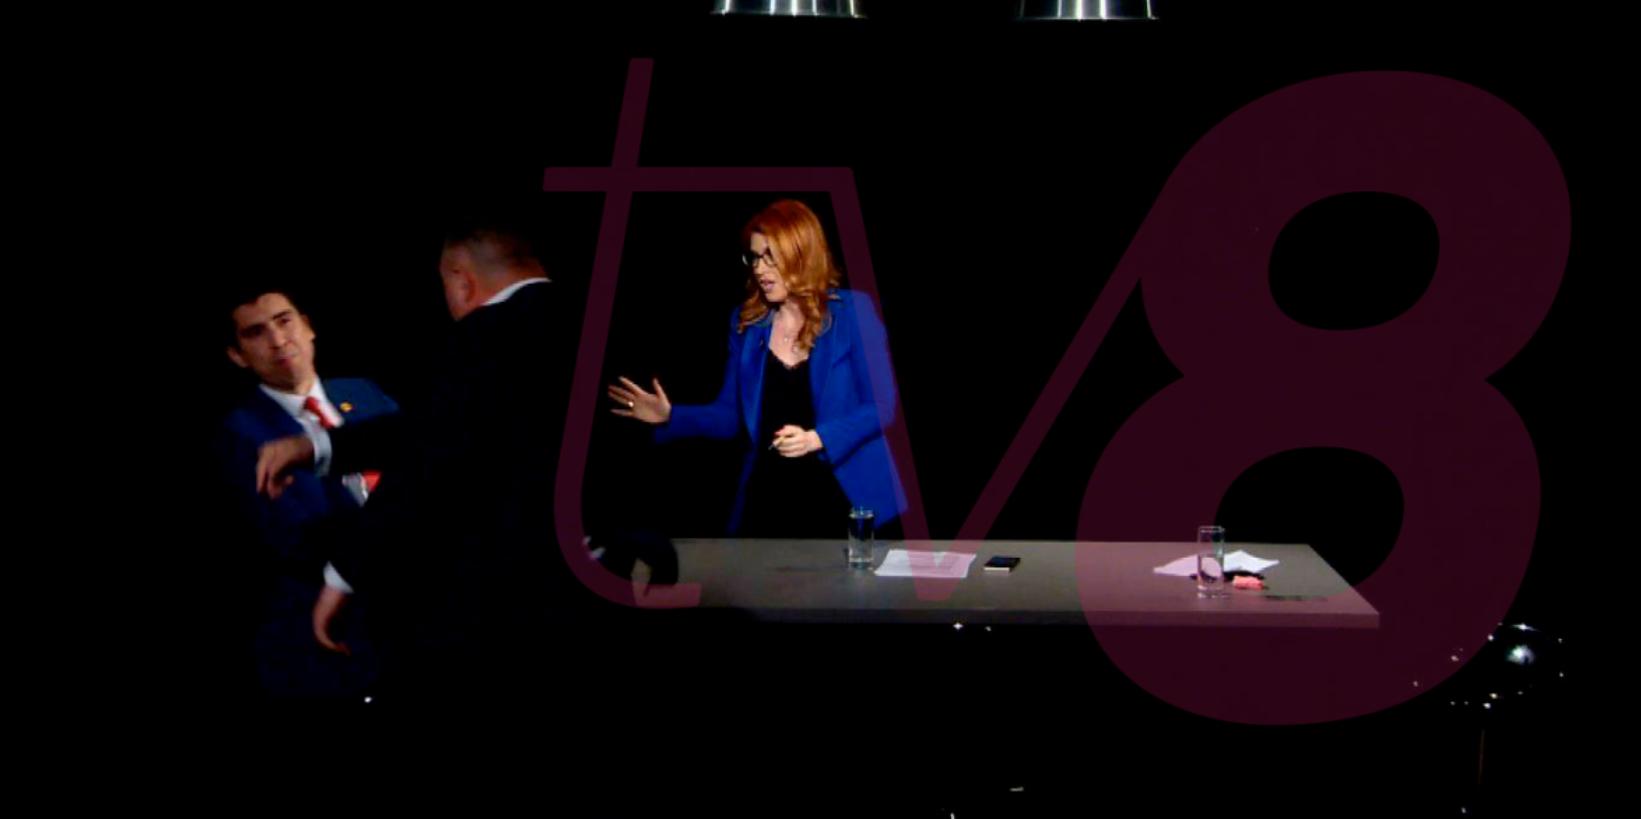 FOTO Altercație între doi deputați PSRM și PAS într-o emisiune televizată